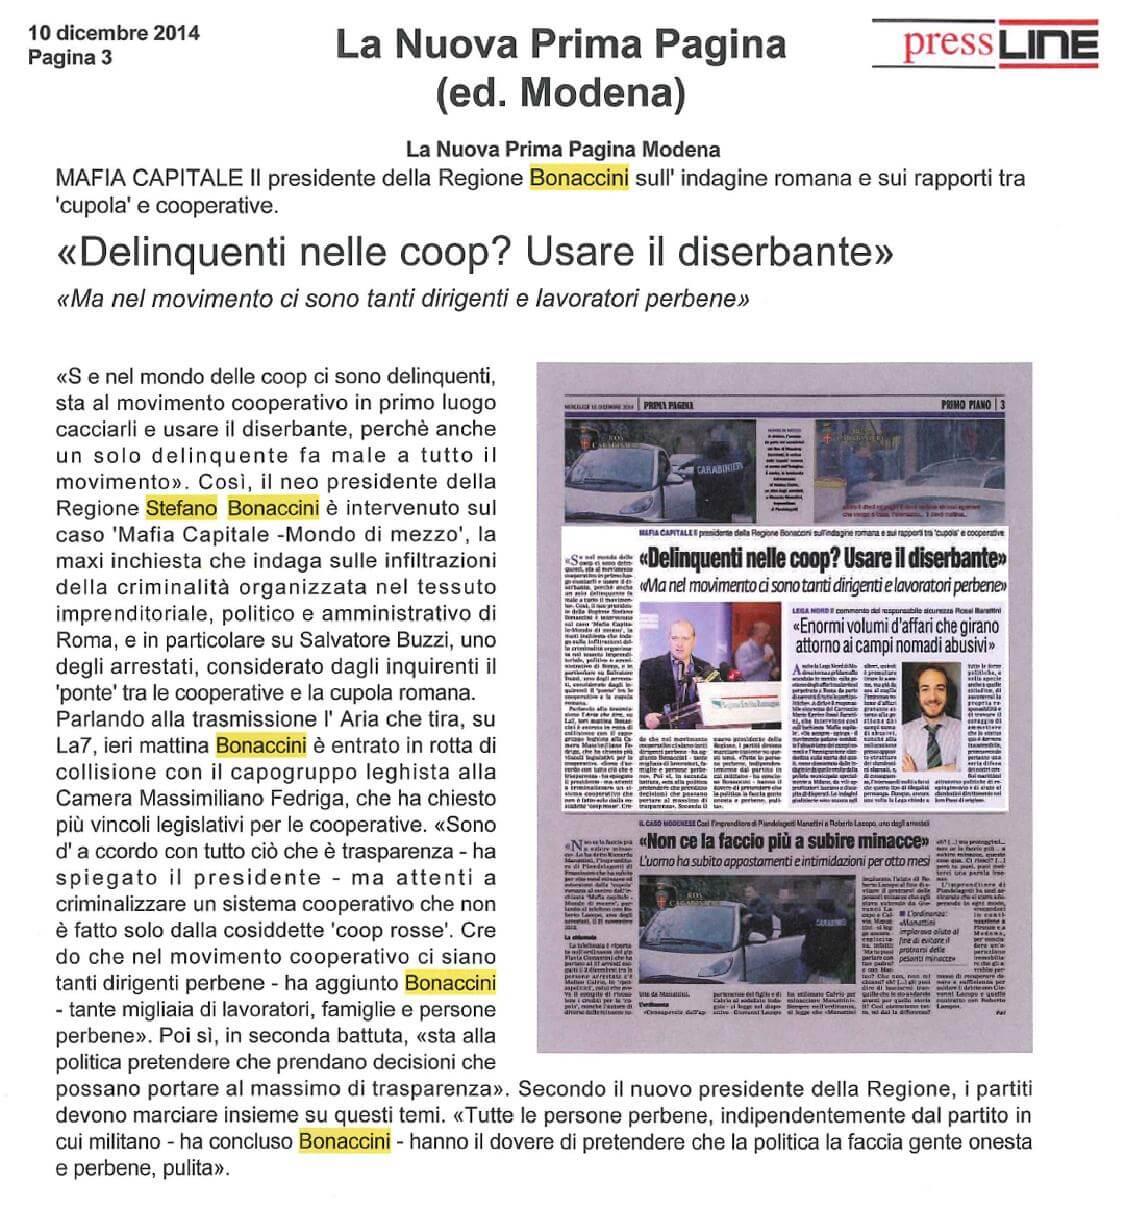 10_12_14_npp_p3-page-001